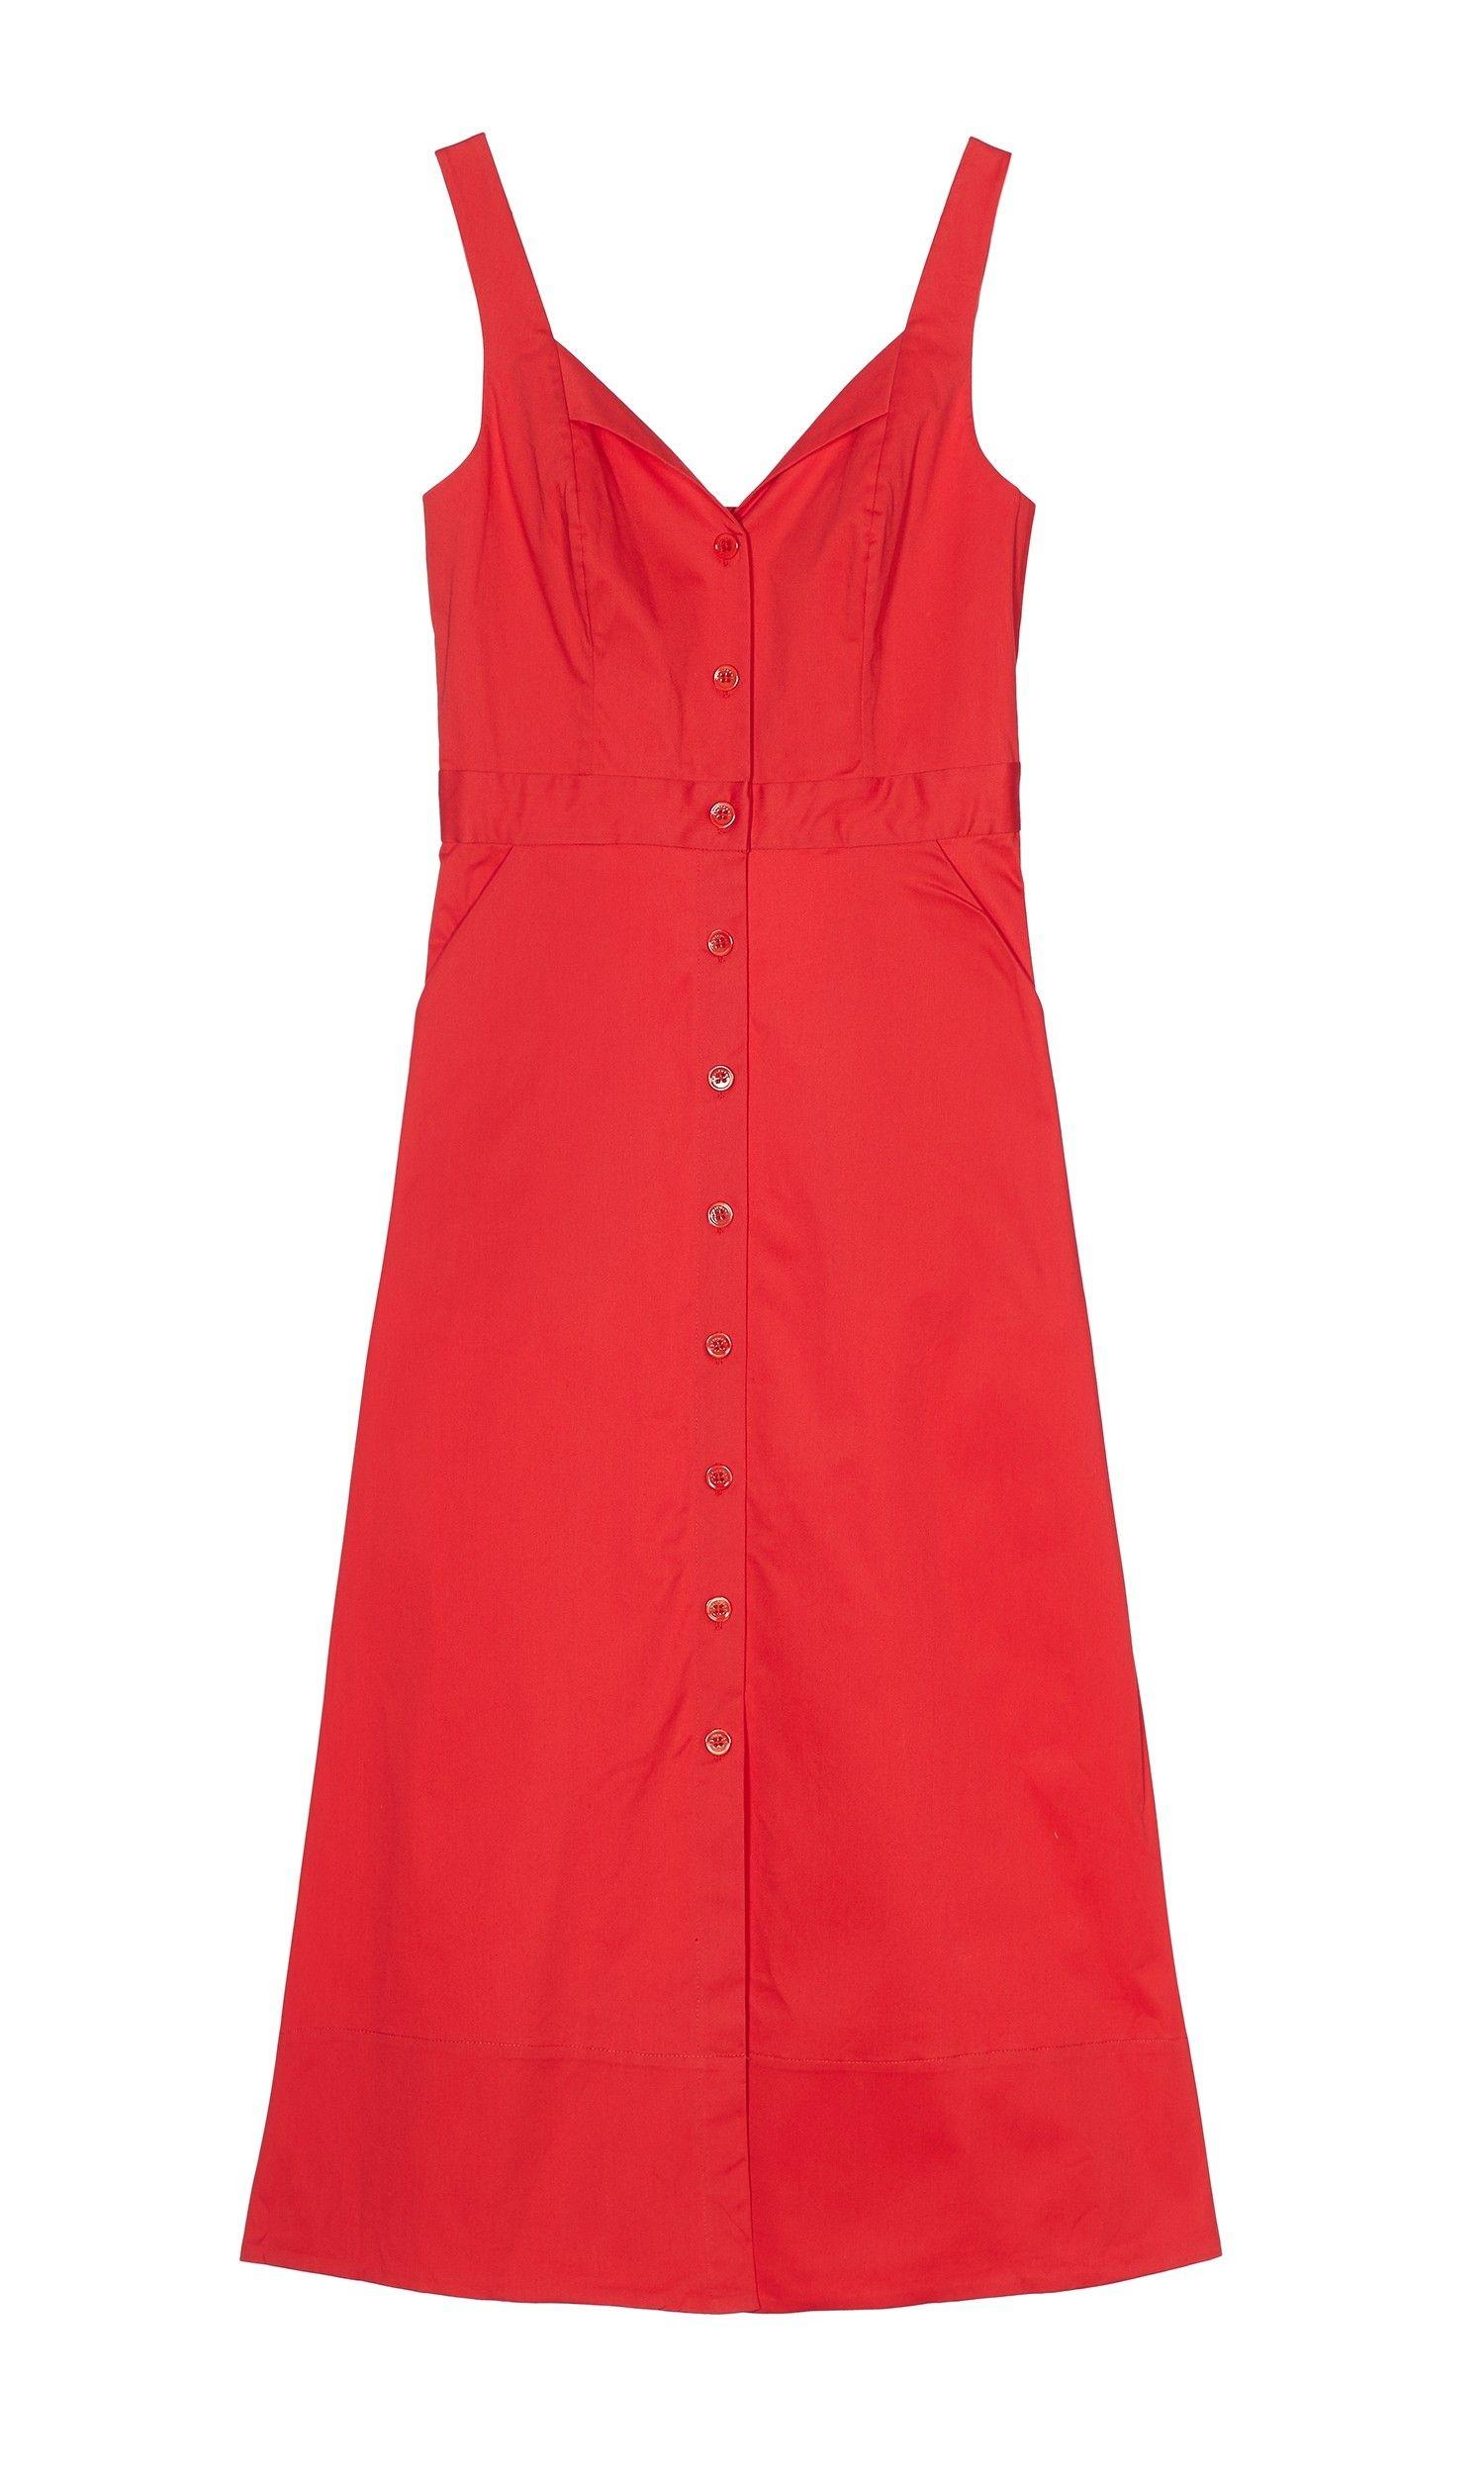 Oleisa Dress In Ecarlete Red Dresses 90s Dress Athletic Tank Tops [ 2500 x 1500 Pixel ]